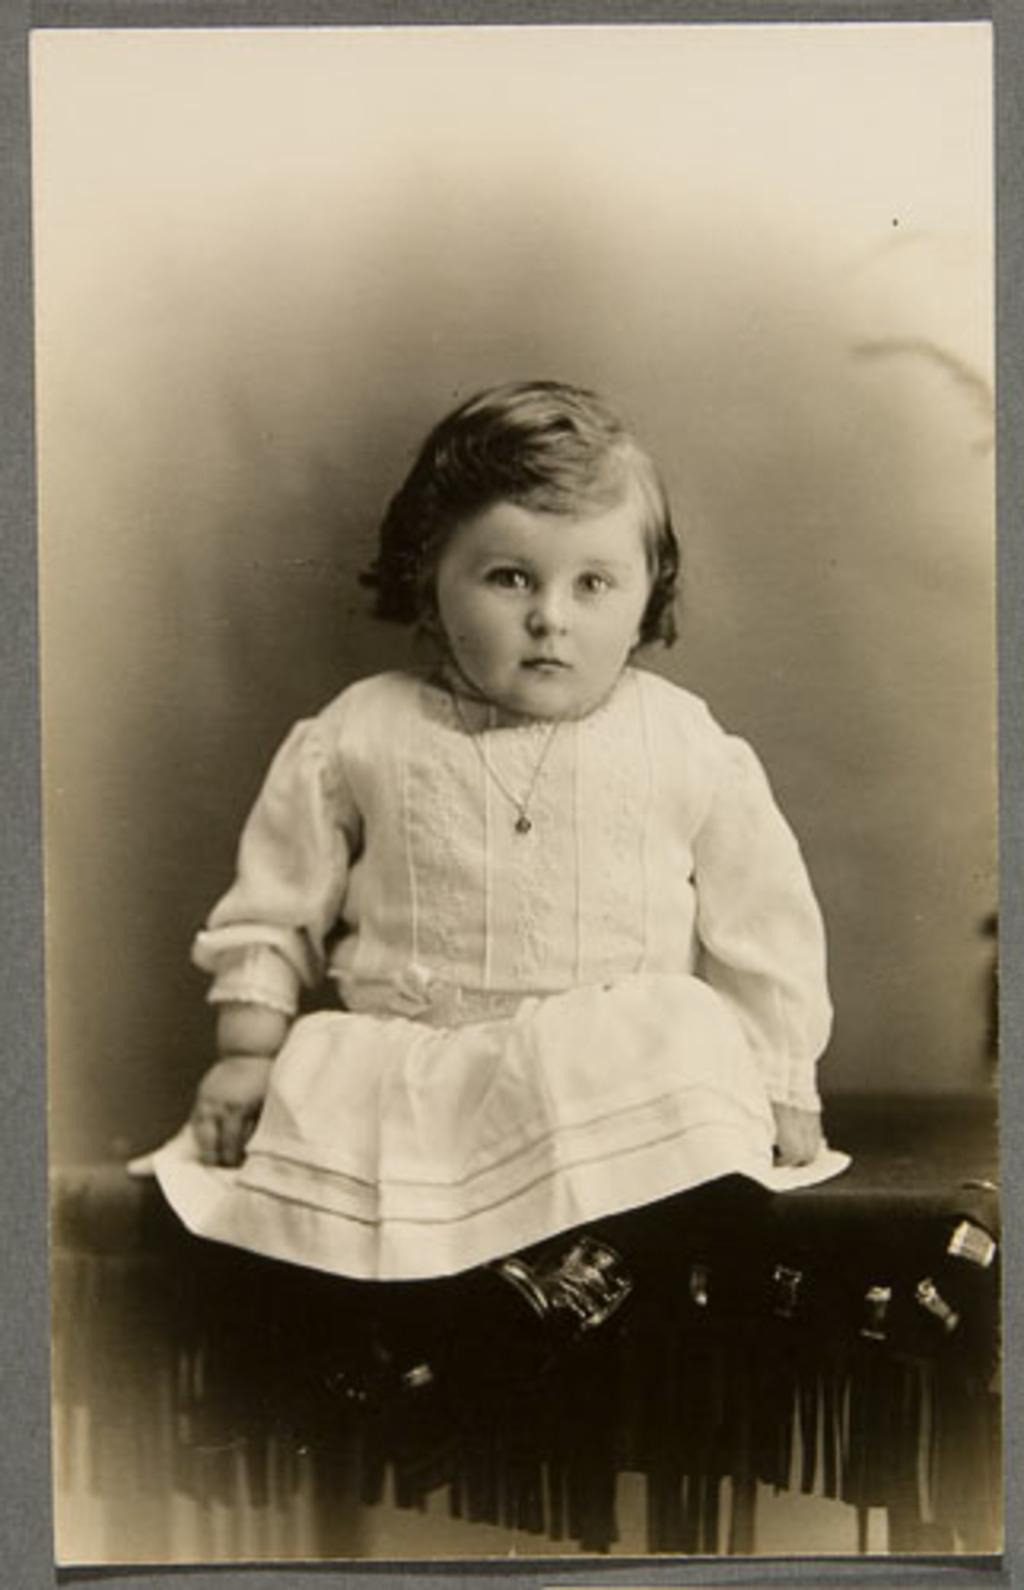 Joseph-Arthur Laurent, bébé